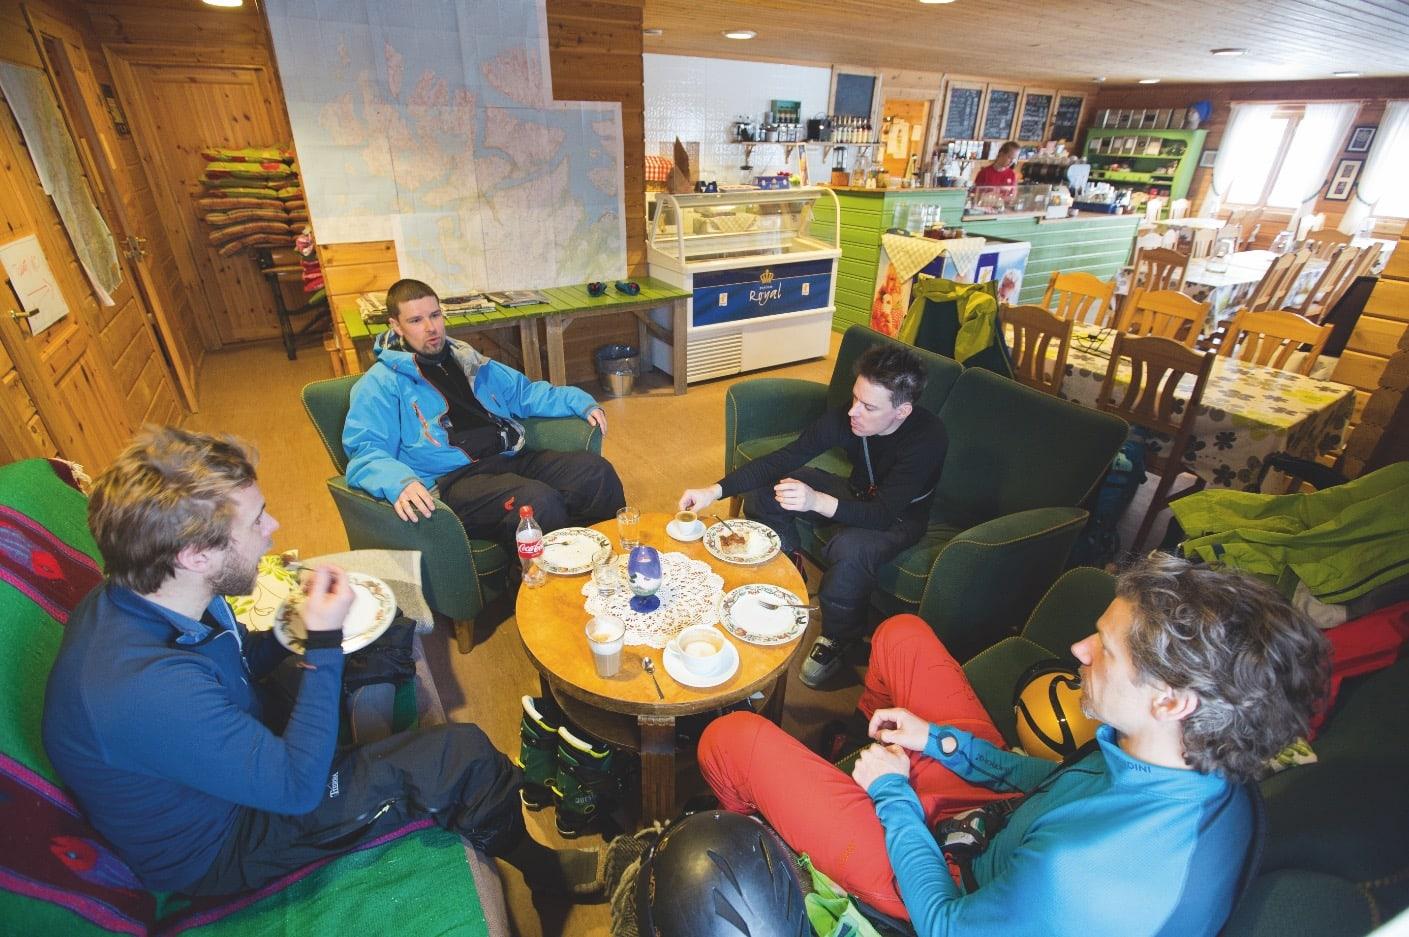 LOKALPATRIOT: Bergenseren Bjarte Hollevik (bakerst) foreleser om lumen og lux på kafeen i Langfjordbotn.